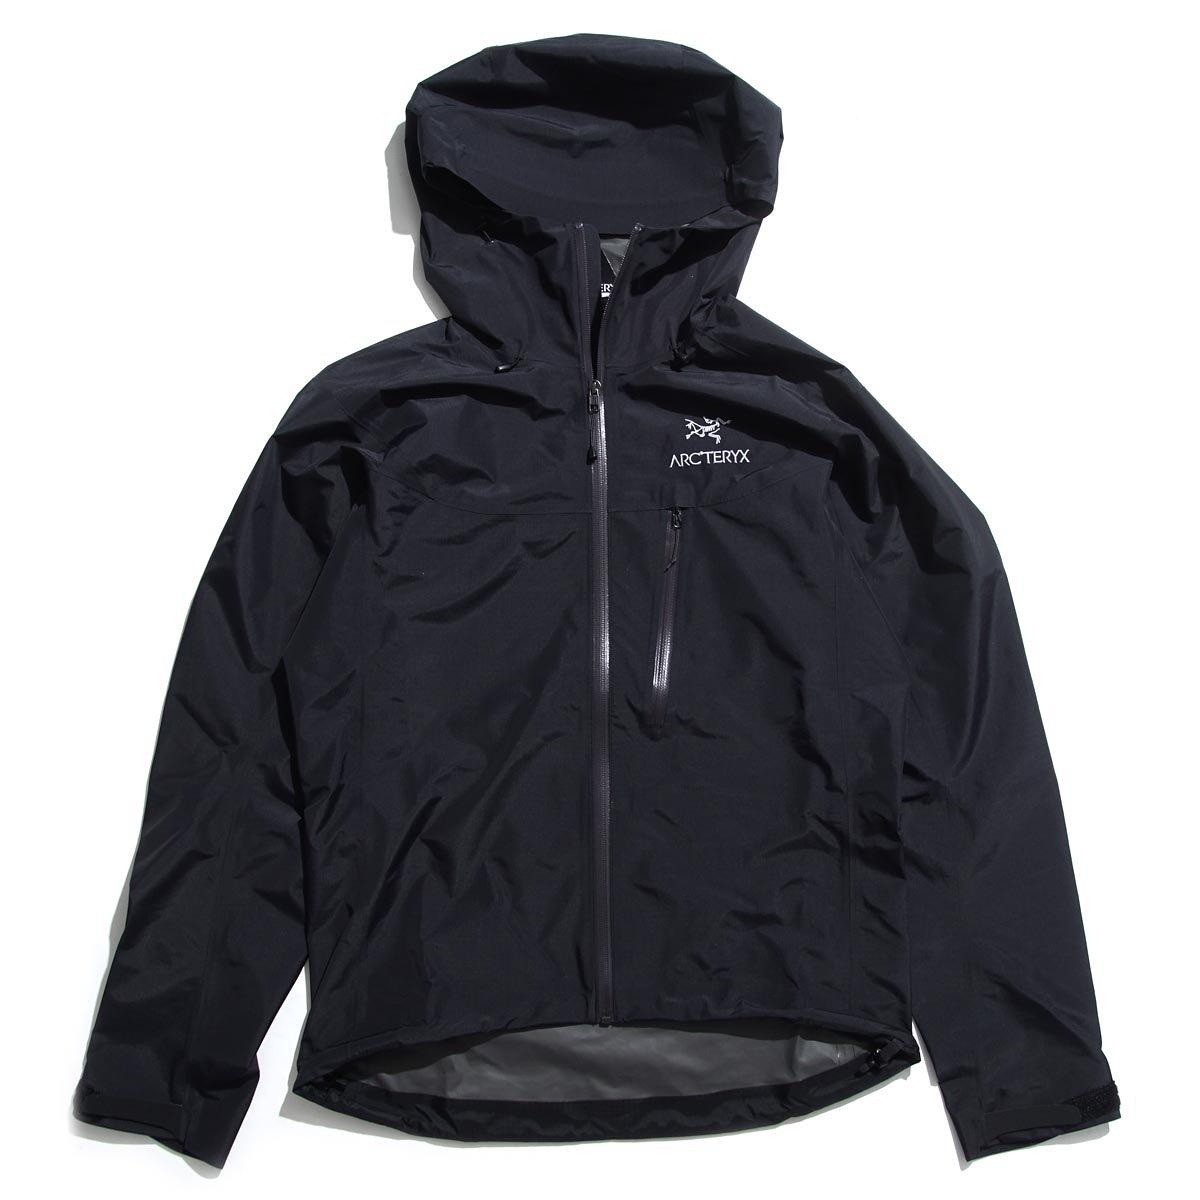 (アークテリクス) ARCTERYX フーデッド ジップアップ ブルゾン/ALPHA SL JACKET MEN'S アルファ SL ジャケット [並行輸入品] B07BZNCH8T XL|ブラック ブラック XL